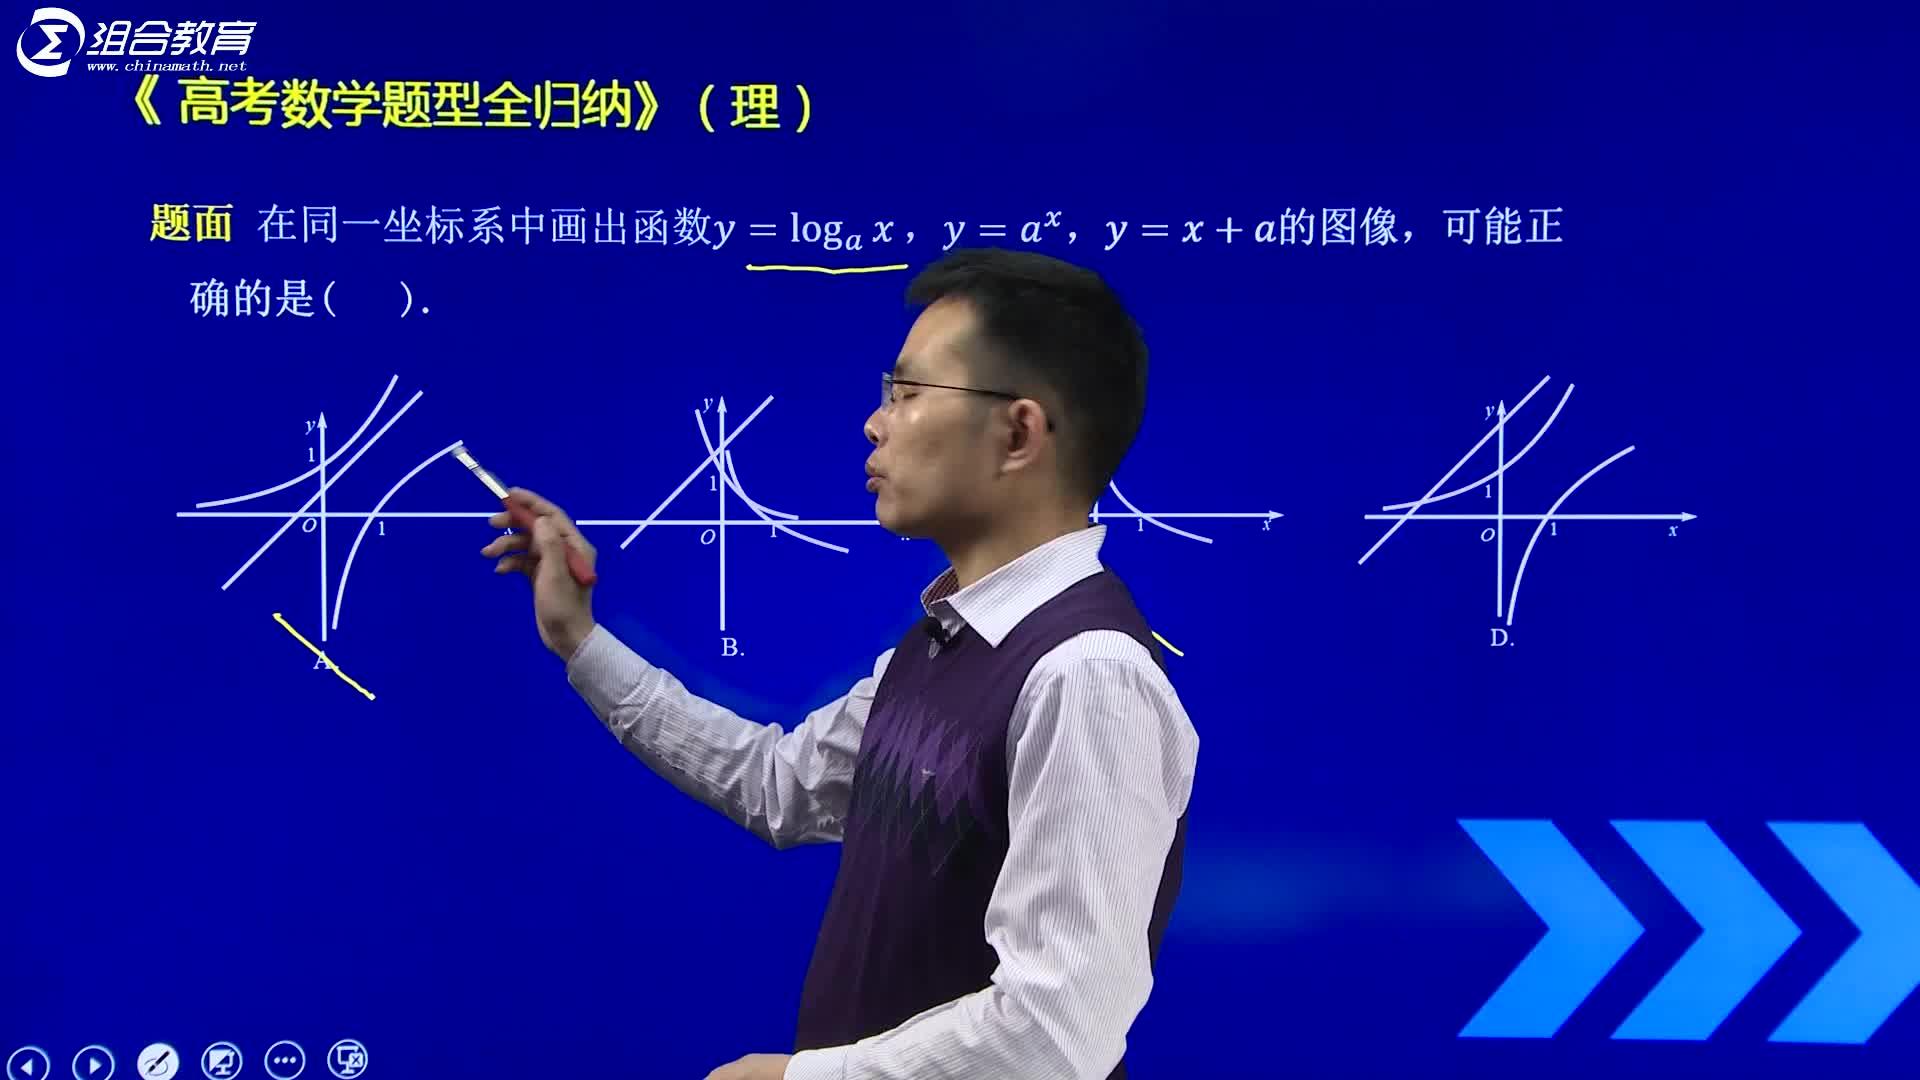 视频2.51 函数识图-【洞穿高考】2020版高考理科数学题型全归纳